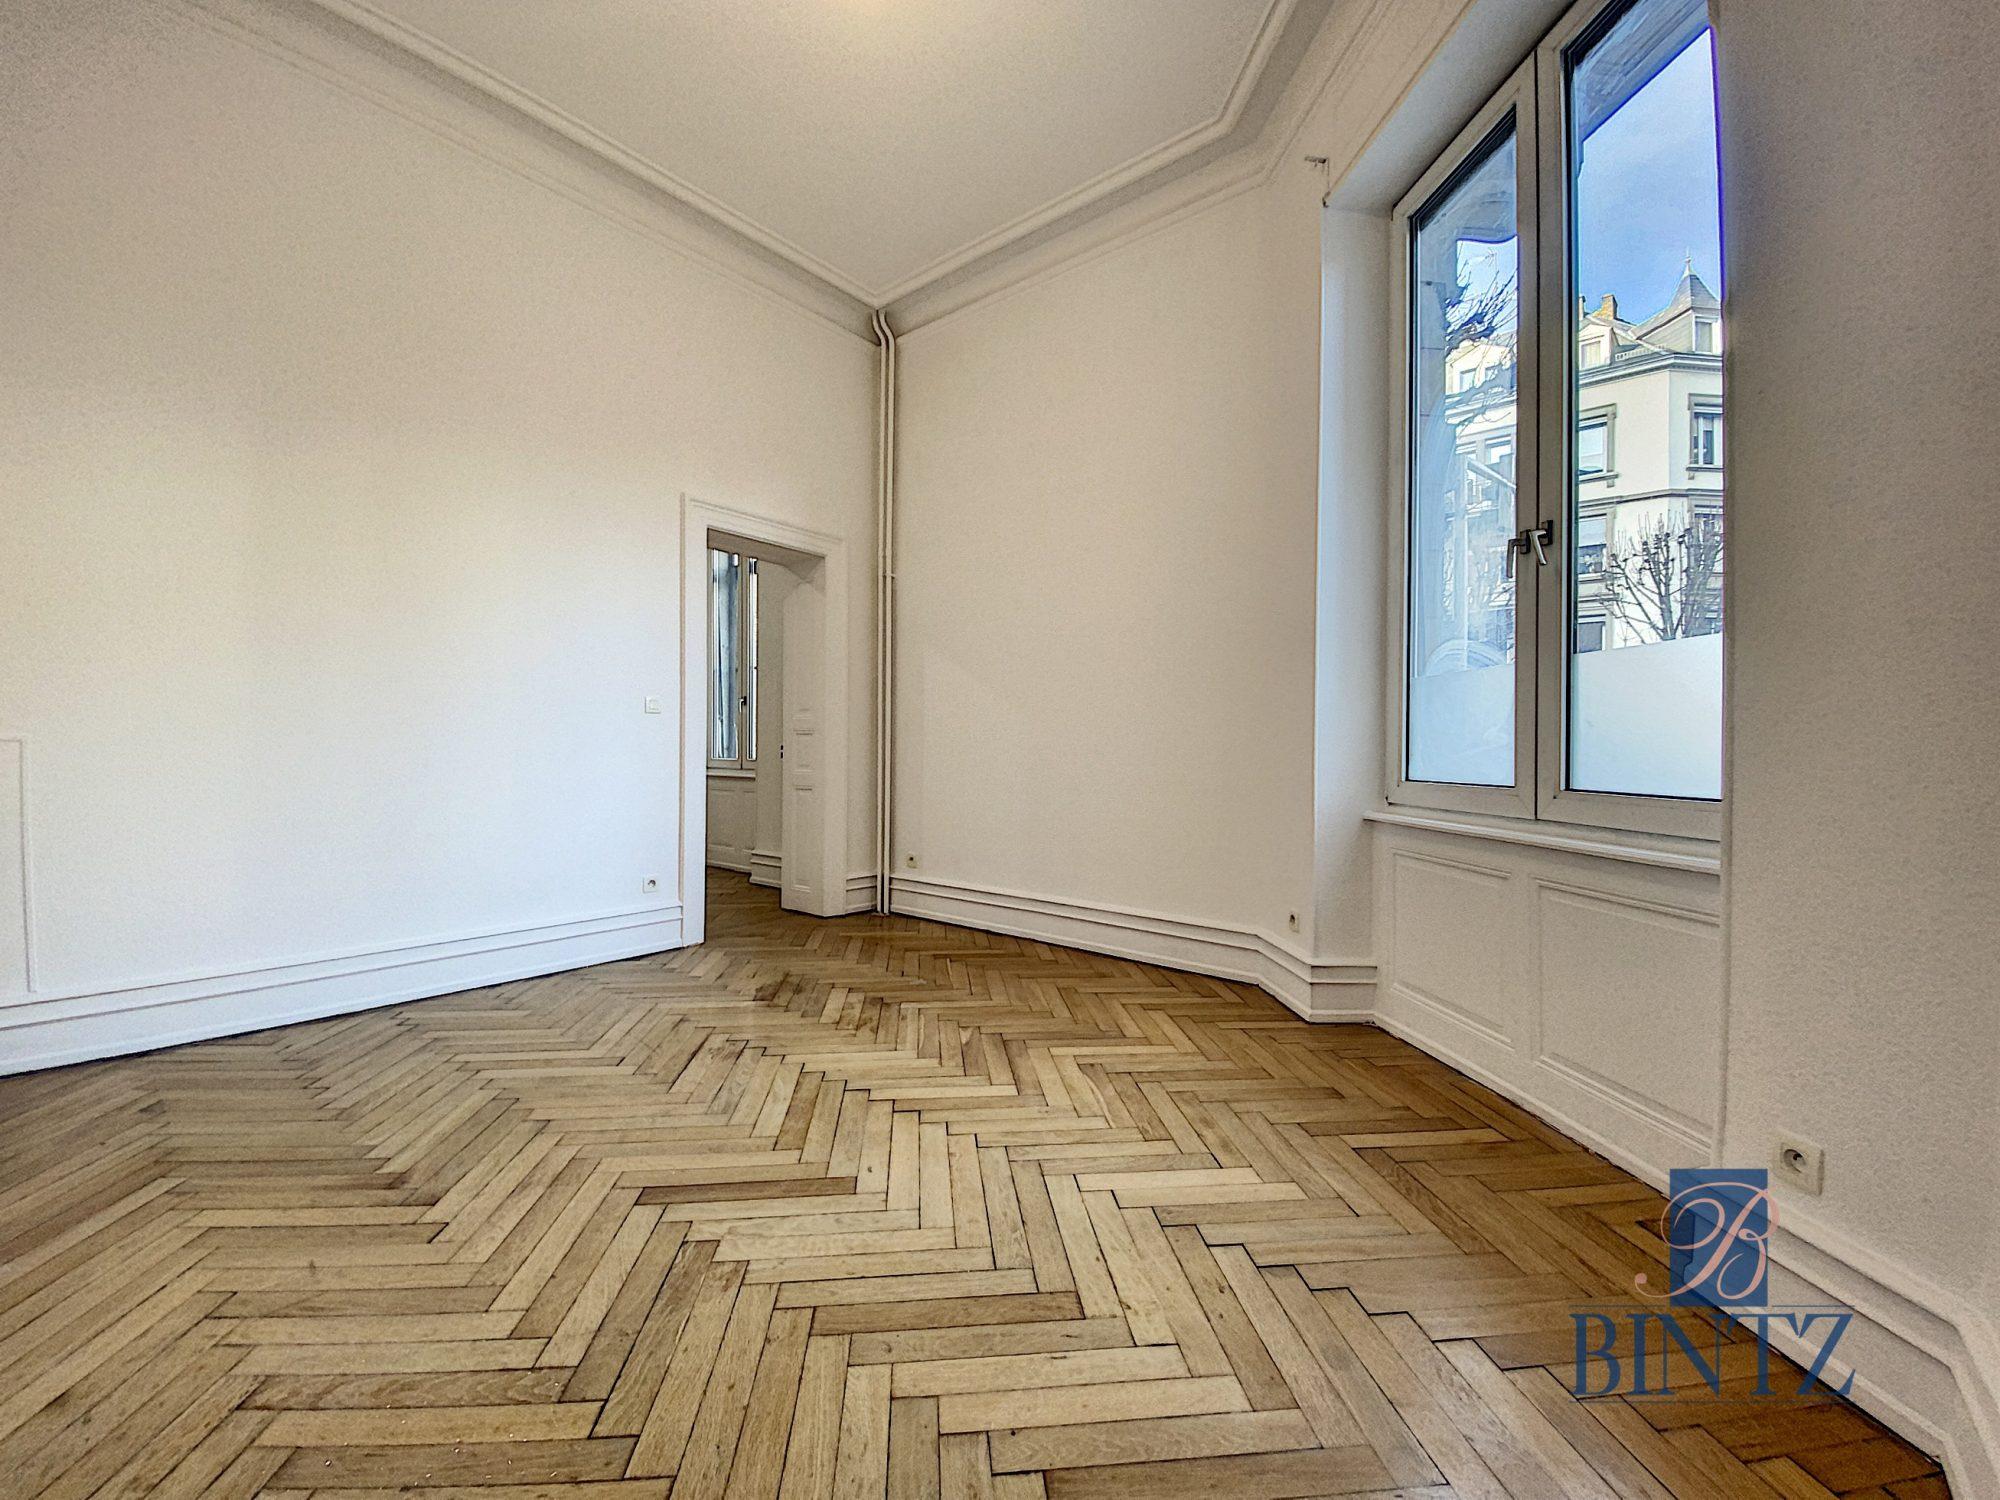 5 pièces rue Wimpheling - Devenez locataire en toute sérénité - Bintz Immobilier - 9